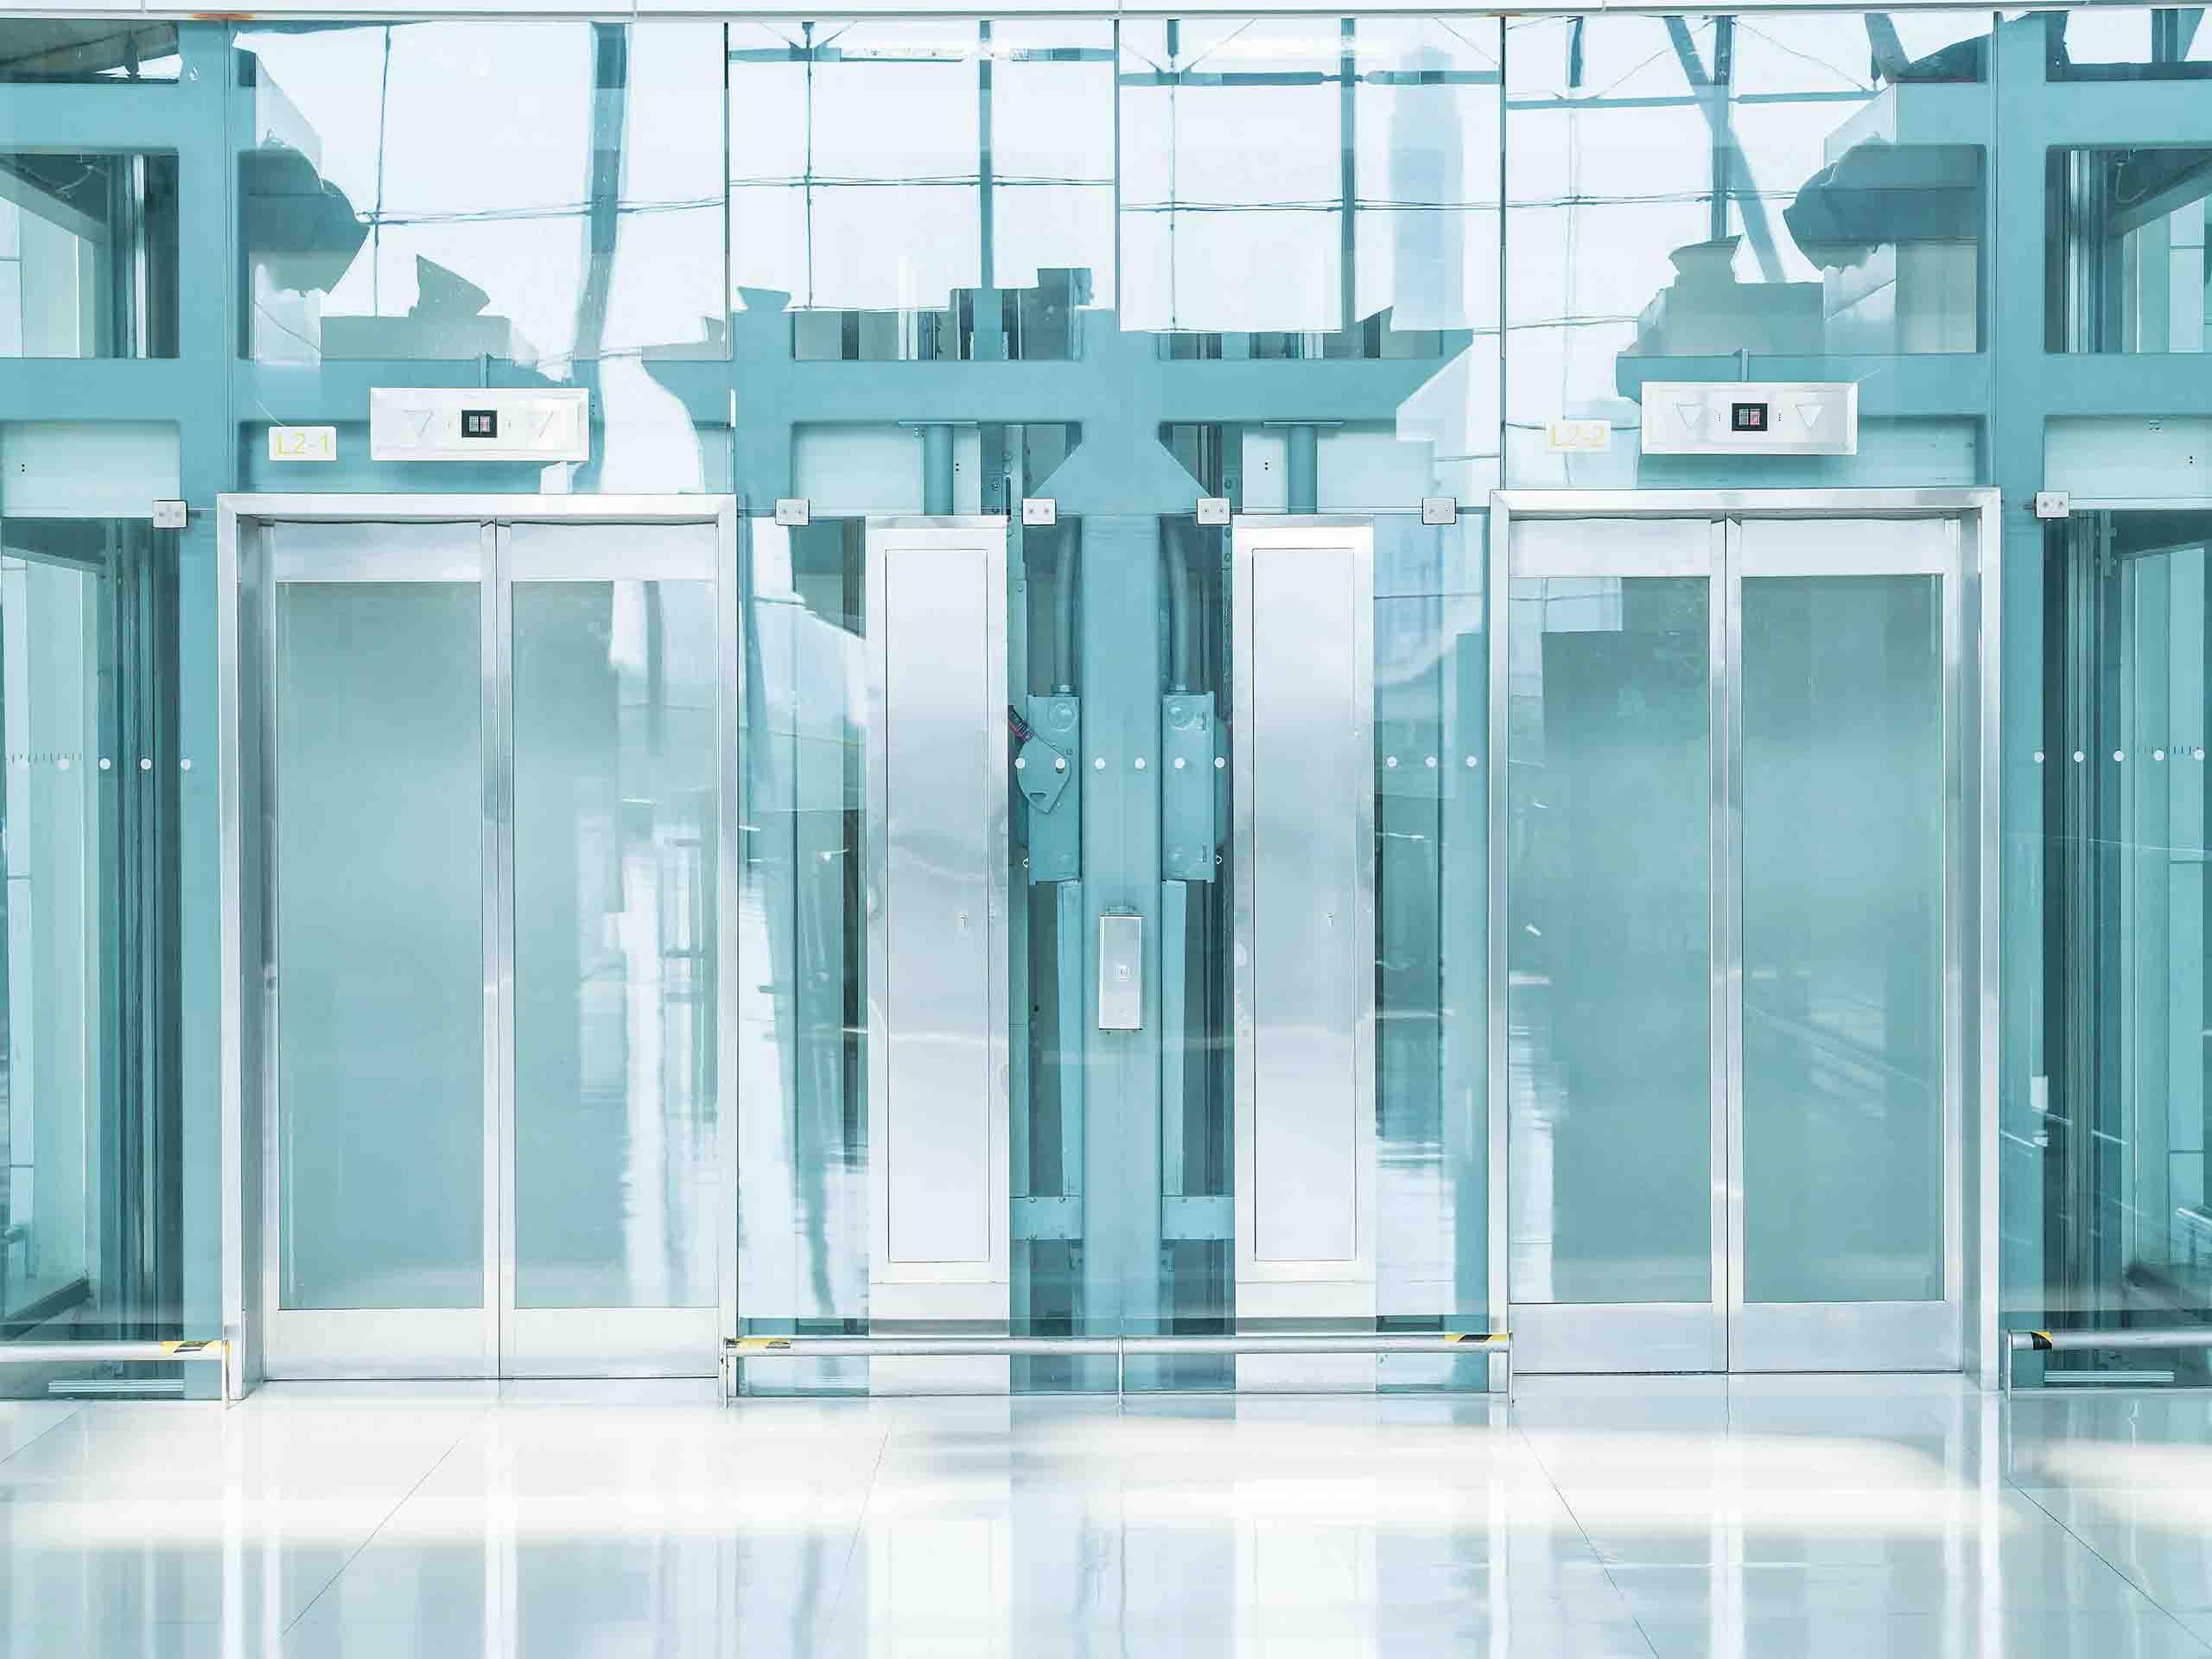 EKIPAZH - виготовлення скляних ліфтів під замовлення